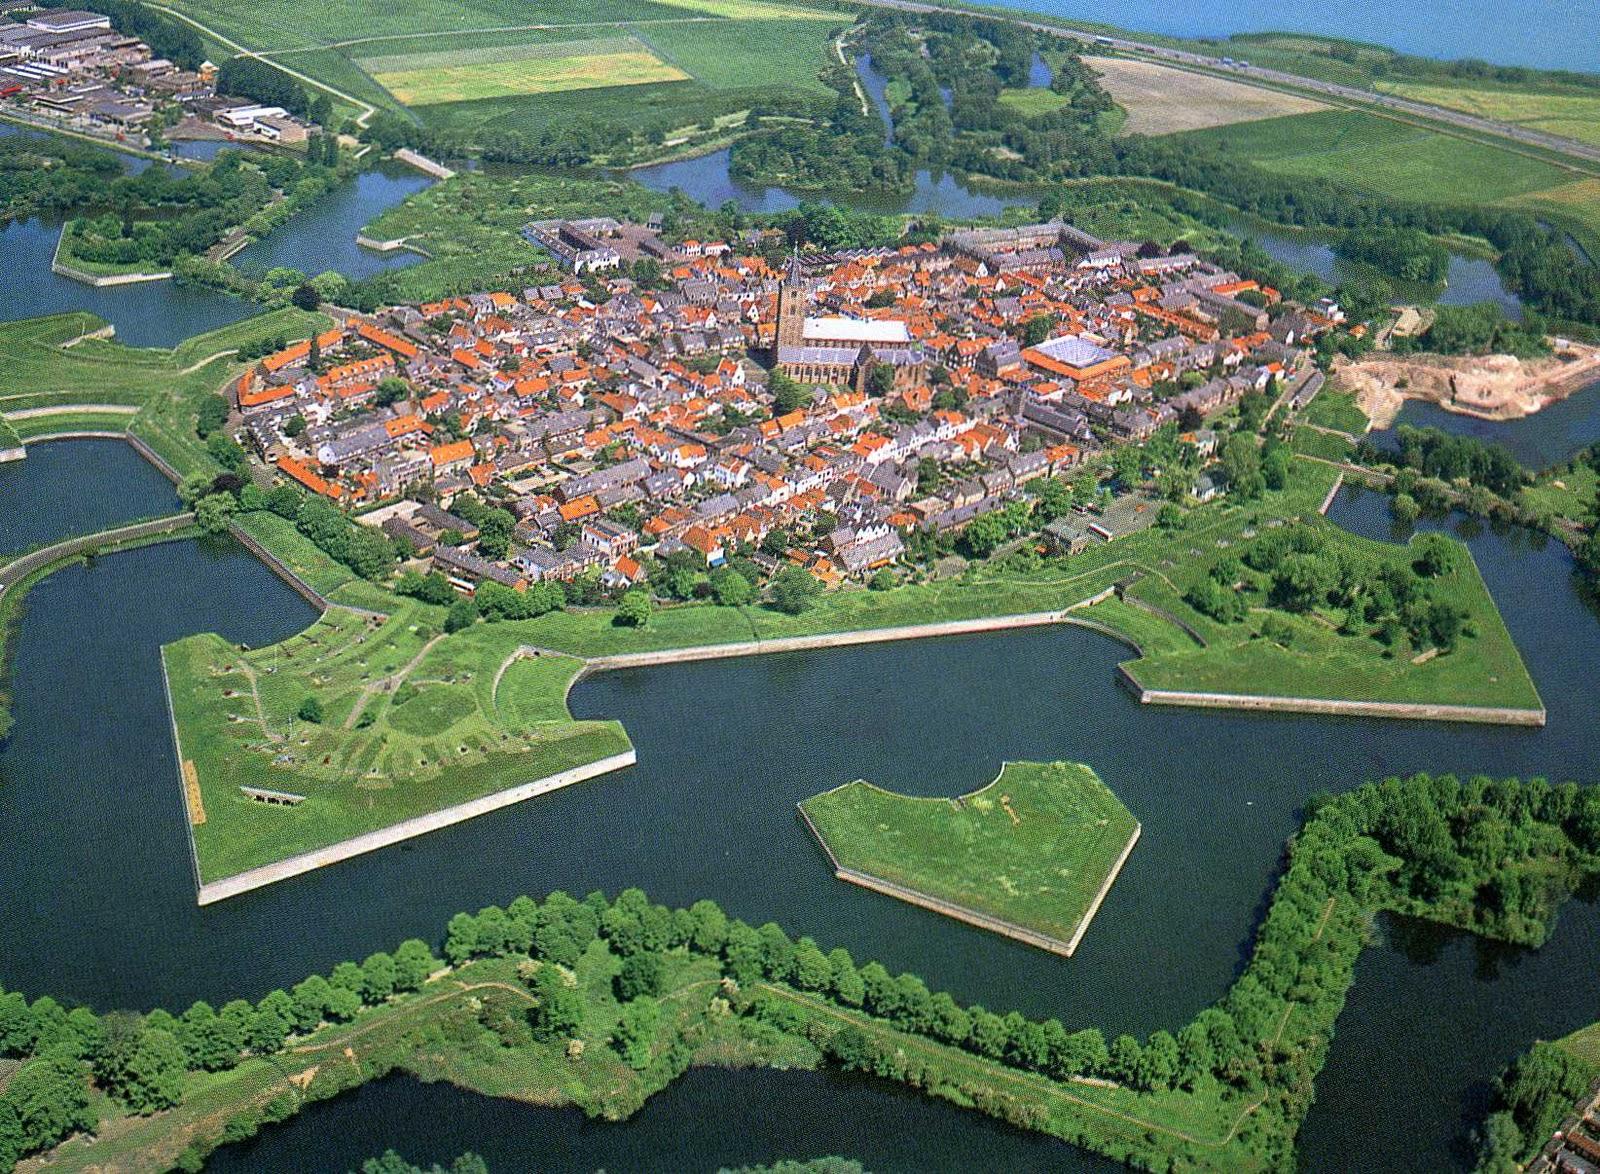 Naarden (Países Bajos)